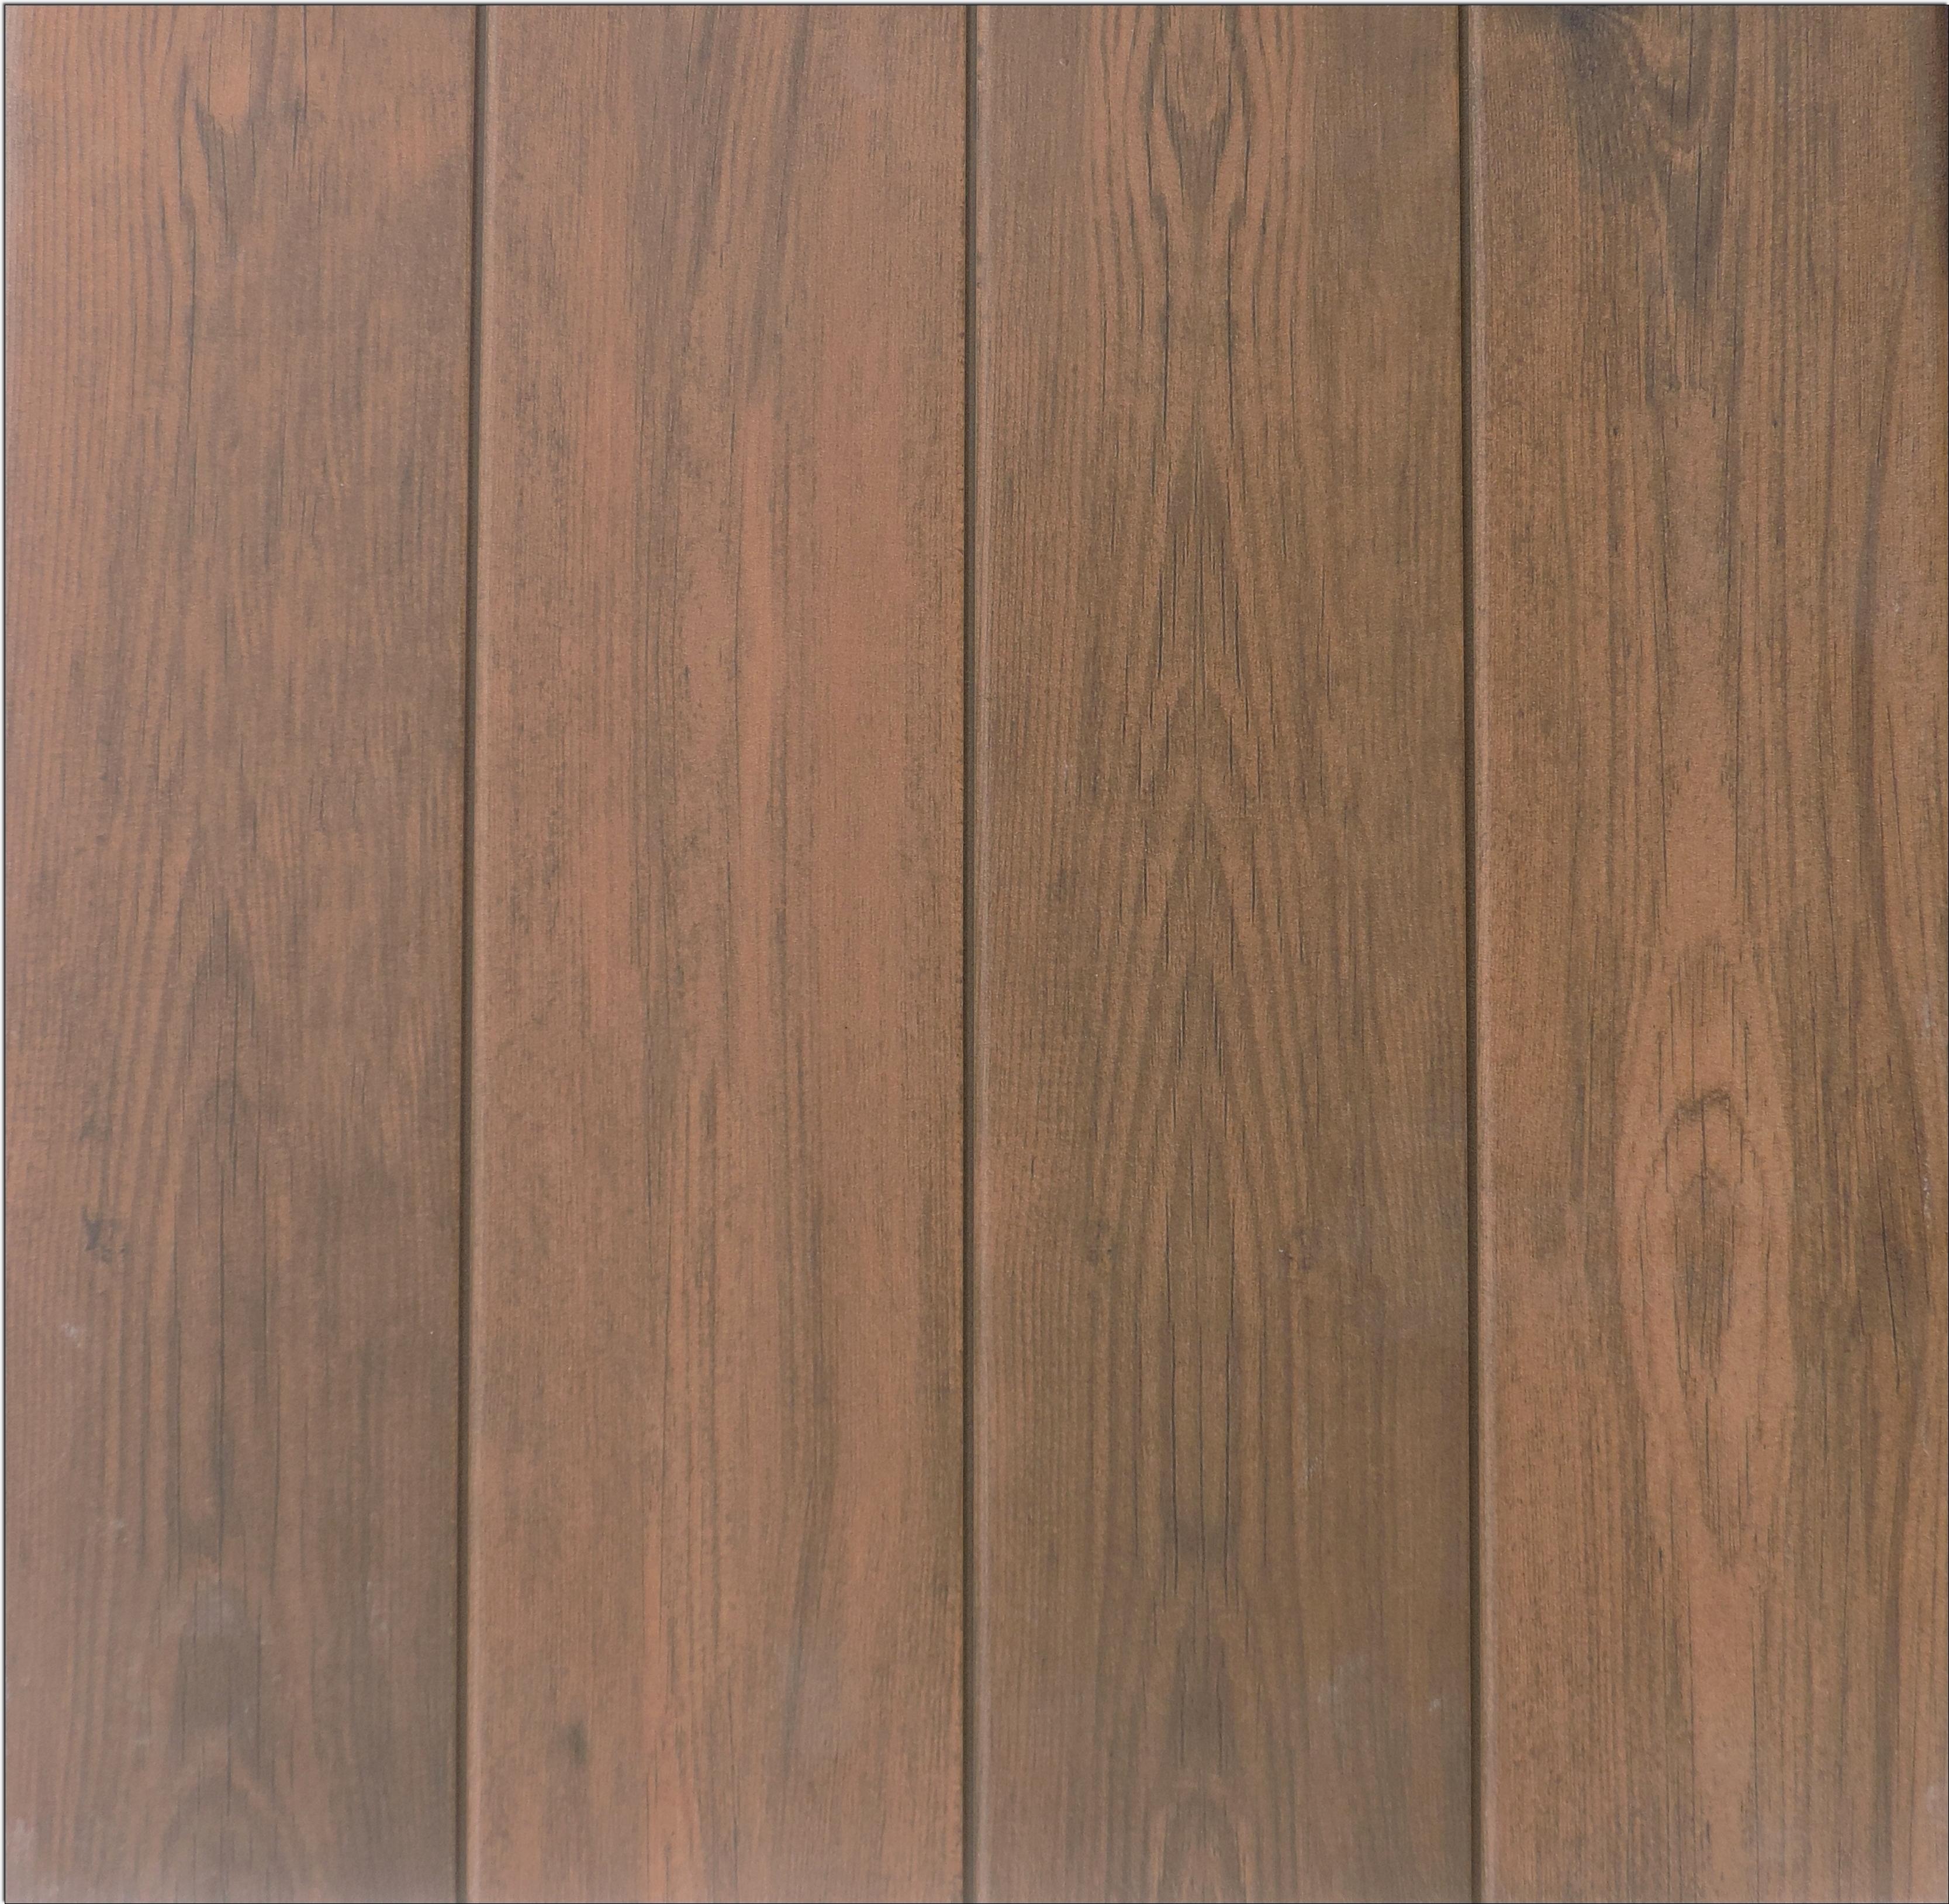 Cer mica tipo madera todoceramicas - Ceramica imitacion madera ...